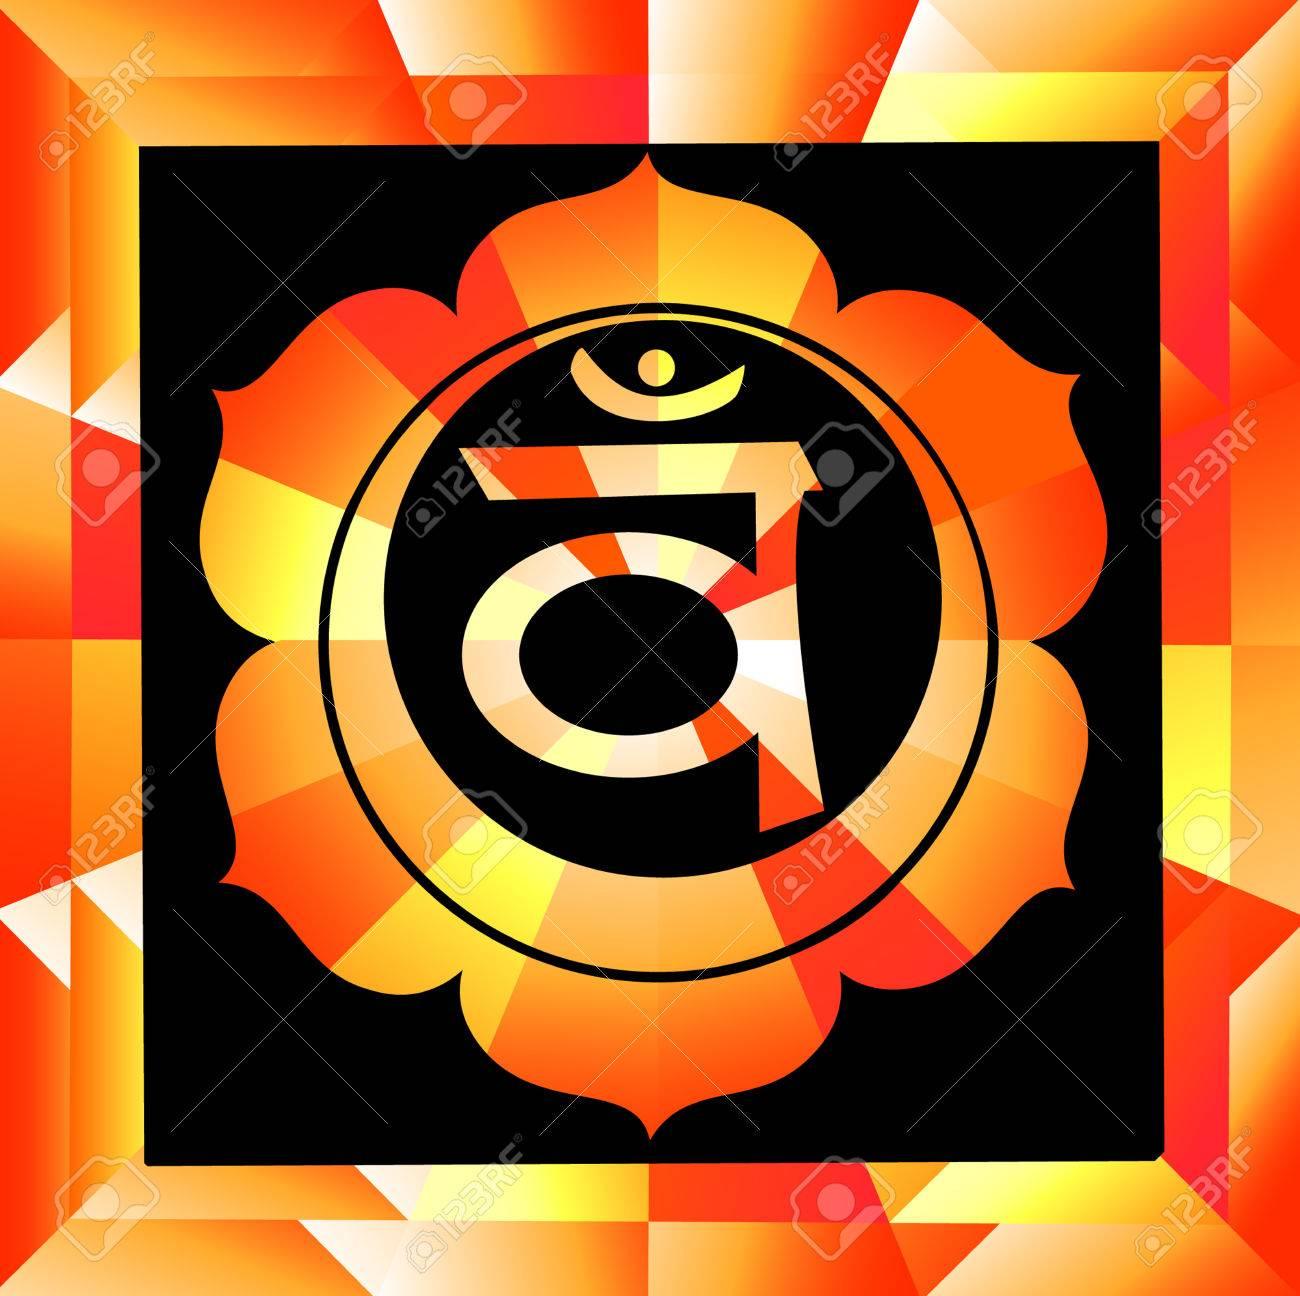 Swadhisthana chakra vector illustration - 34629490